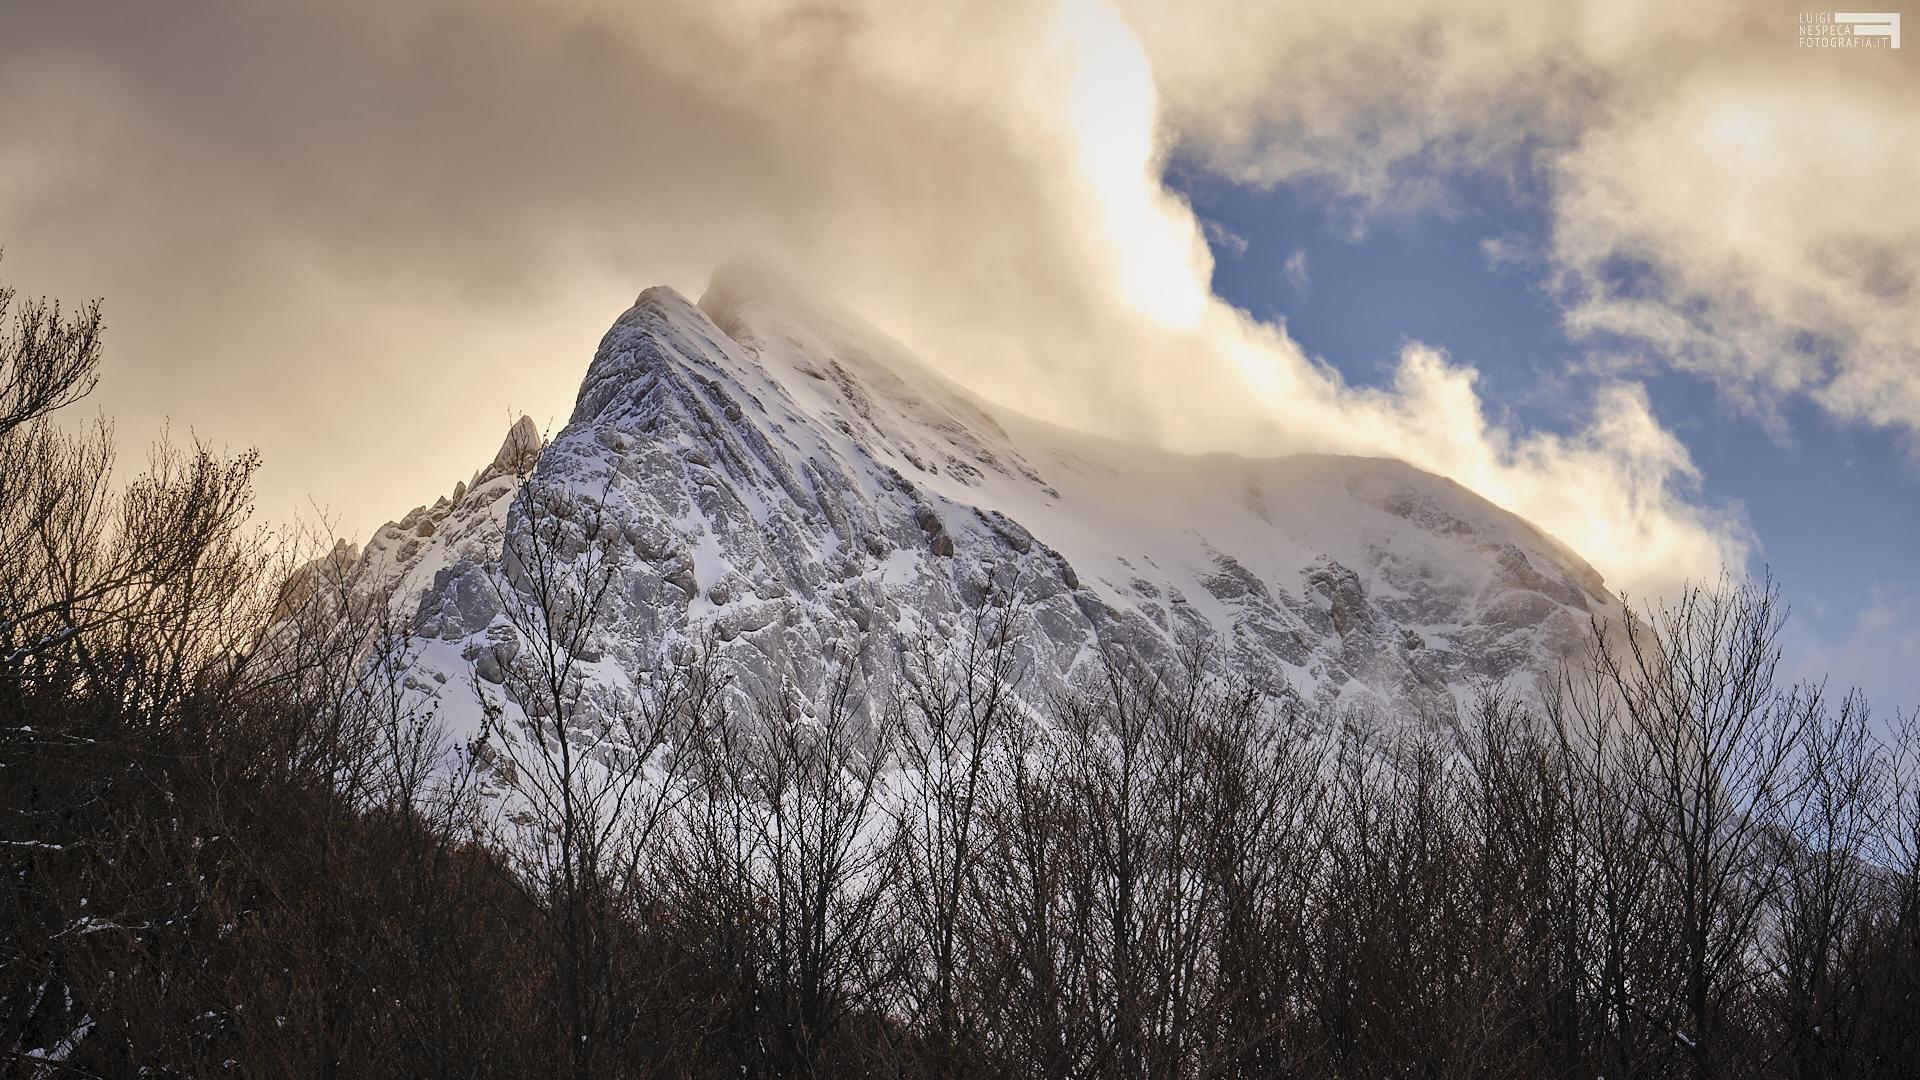 Gennaio 2021 - Corno Piccolo dal Bosco dell'Aschiero - Prati di Tivo - GRAN SASSO